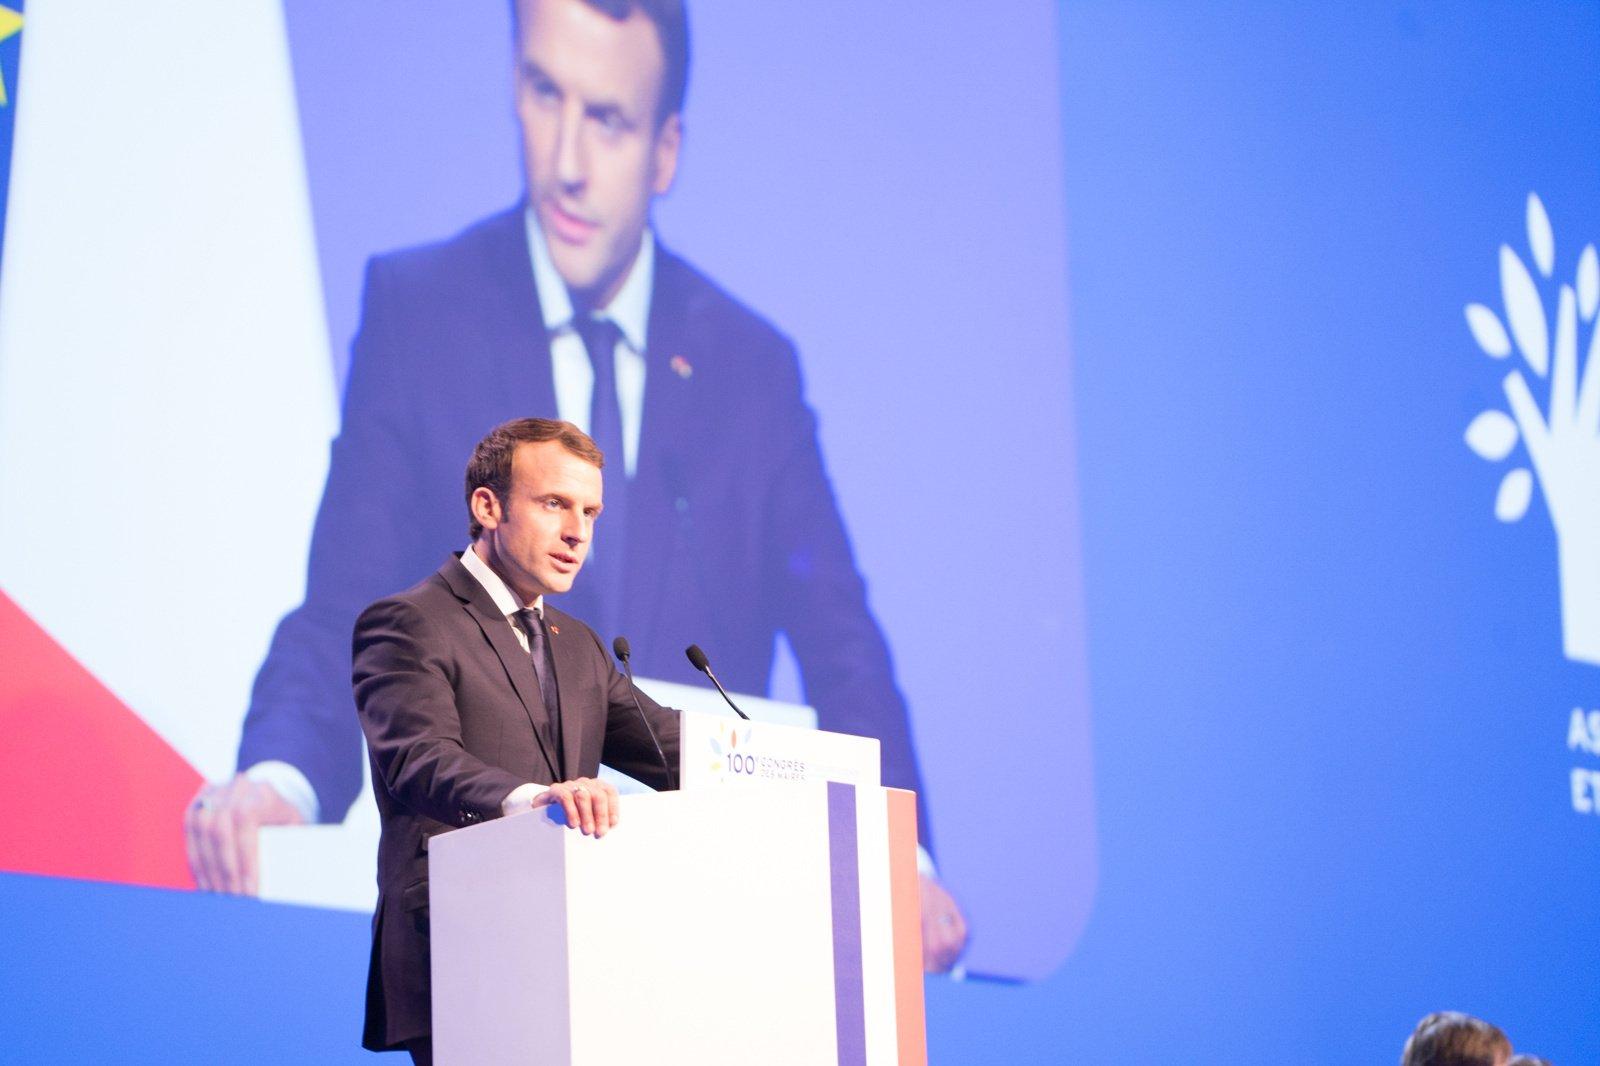 Į Lietuvą atvyko Prancūzijos prezidentas E. Macronas